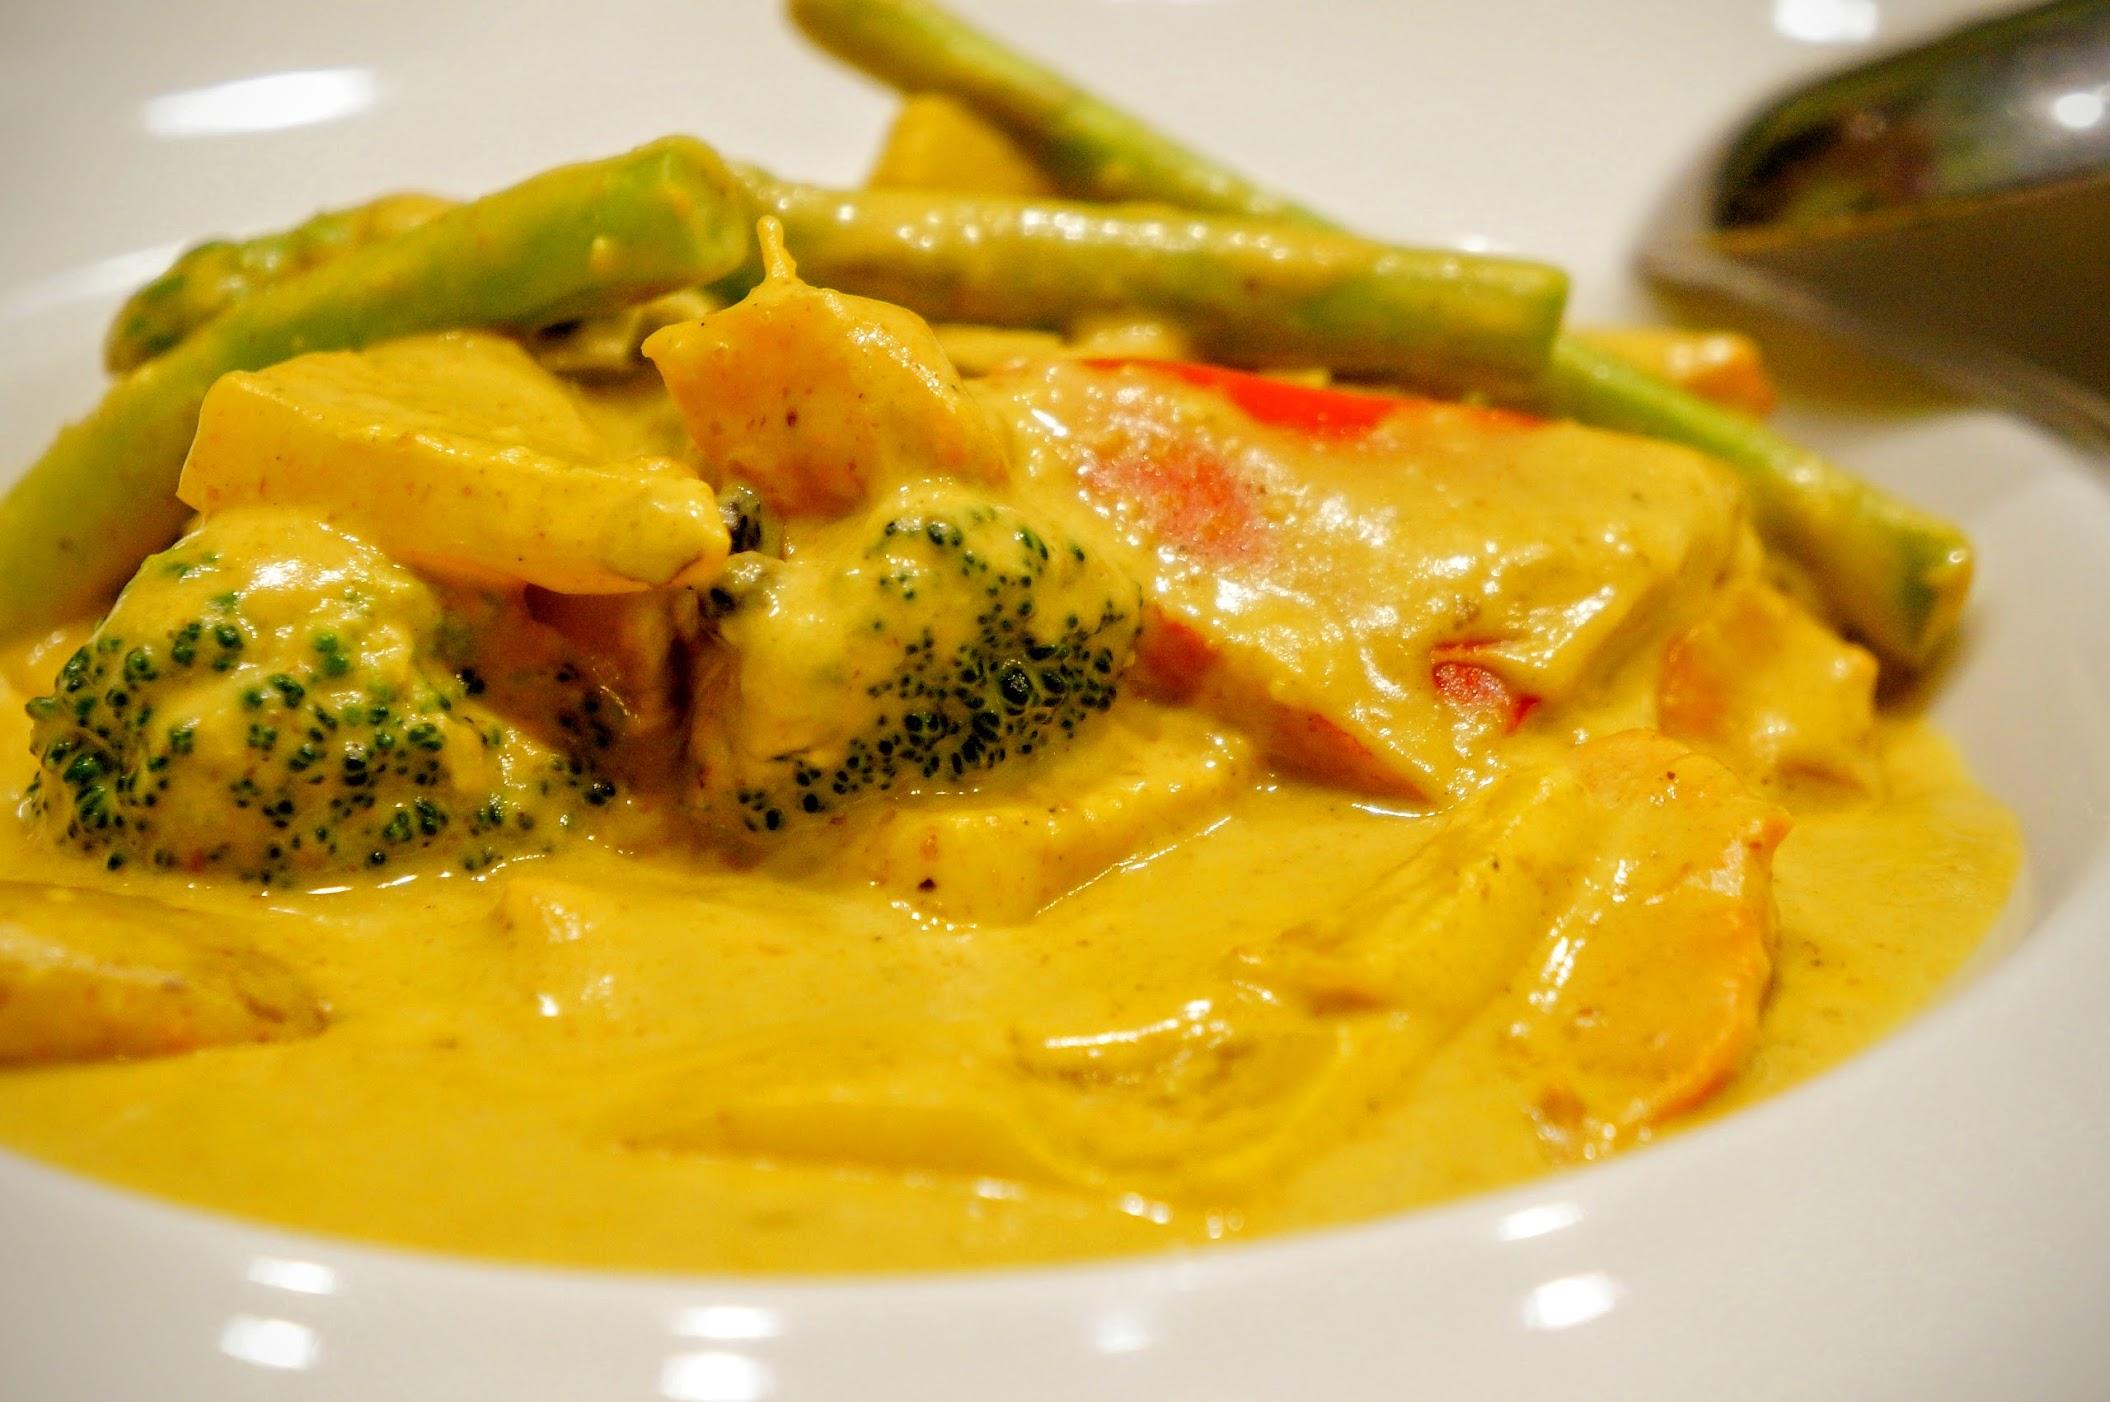 皇宮咖哩,裡頭有許多蔬菜類,像是花椰菜/馬鈴薯/紅椒/黃椒等...